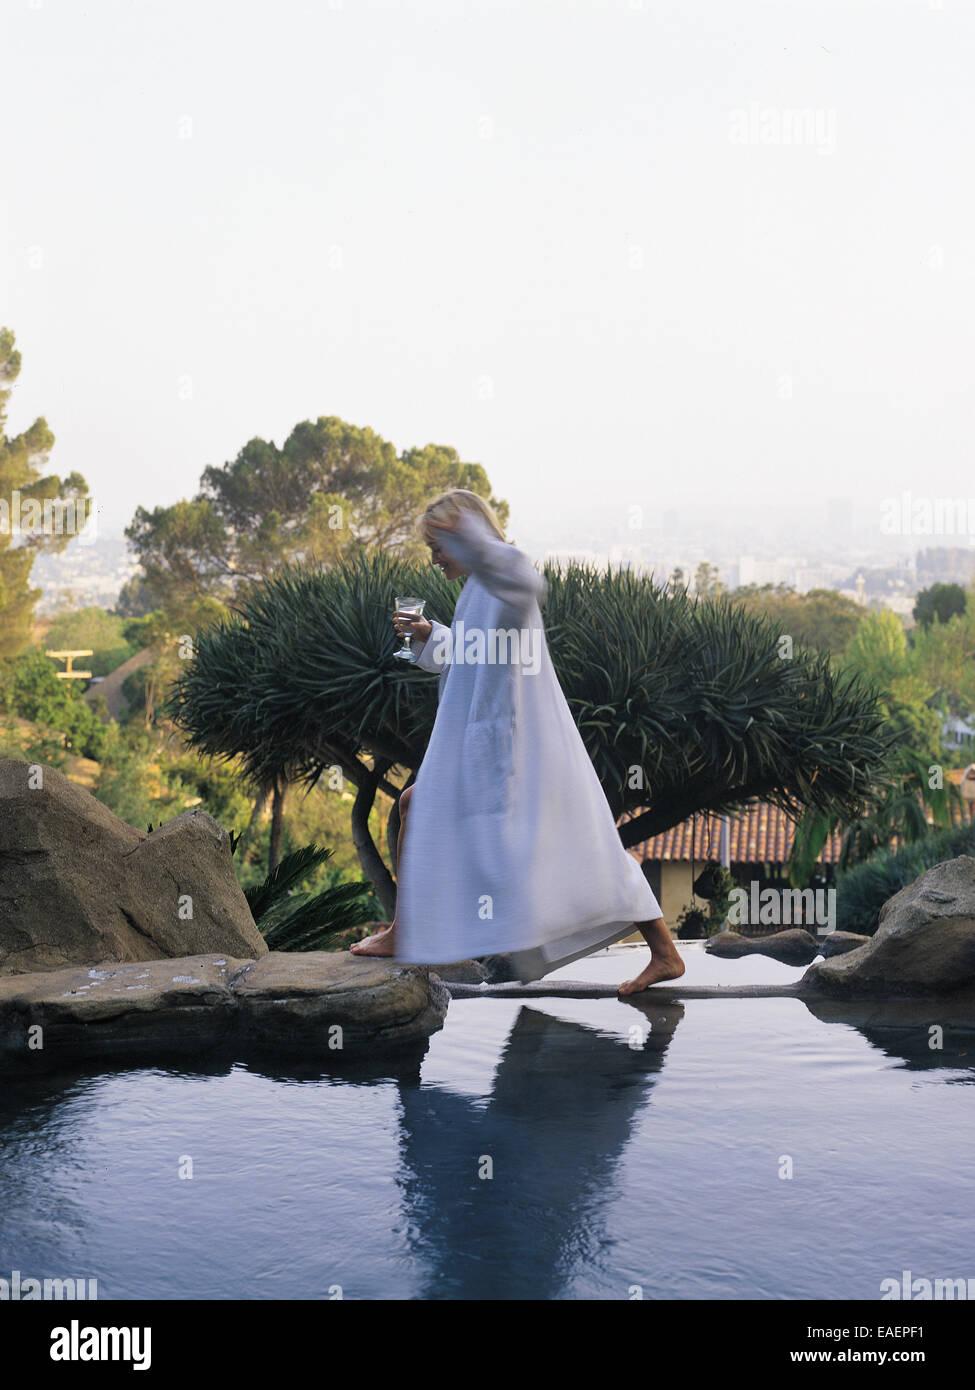 Frau in weiß Terry kleiden Gewand zu Fuß über einen Swimmingpool mit einem Glas Wein in der hand. Stockbild